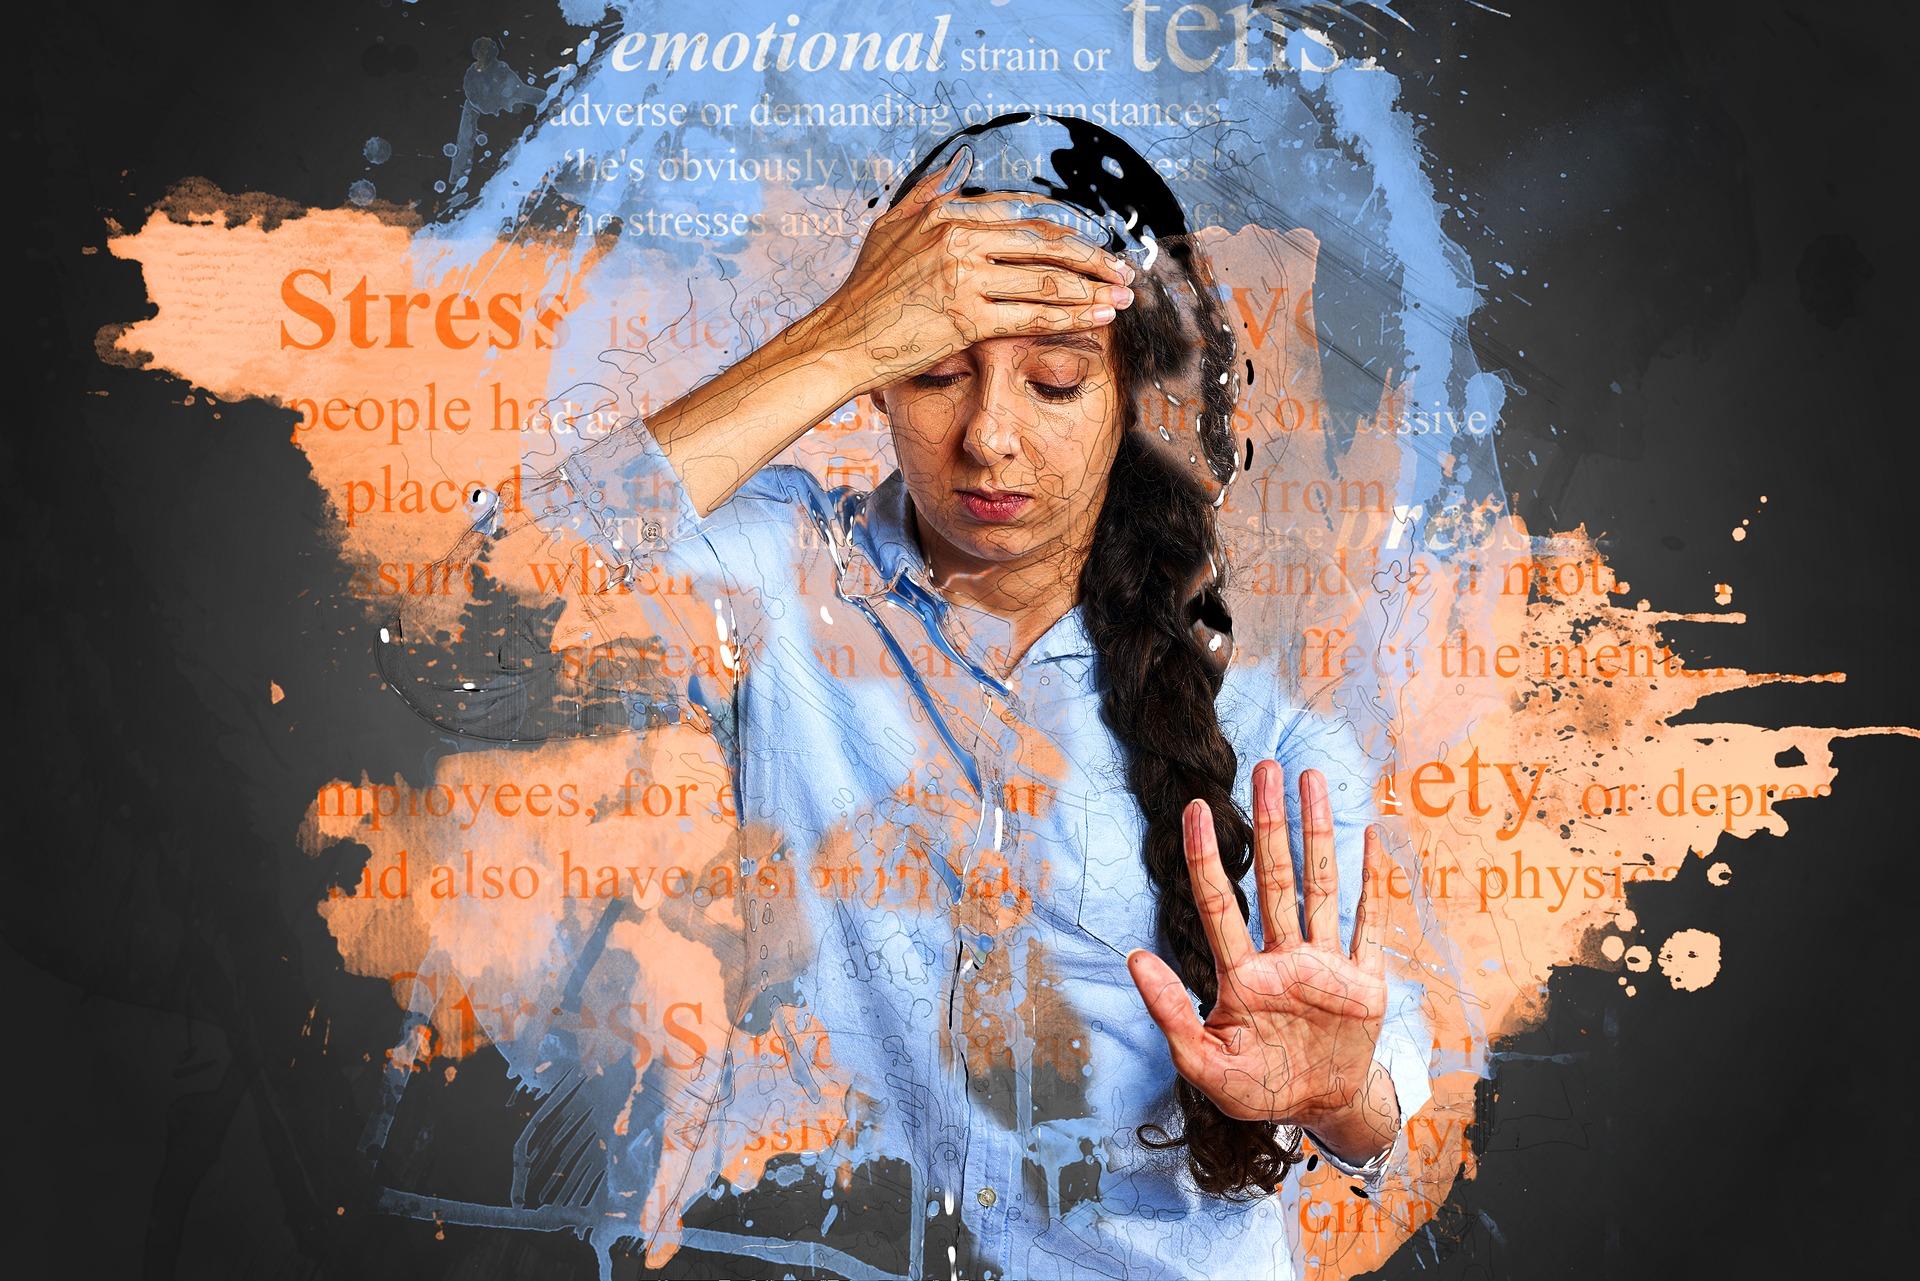 Il cortisolo: un piccolo ormone che può scombussolare la nostra vita